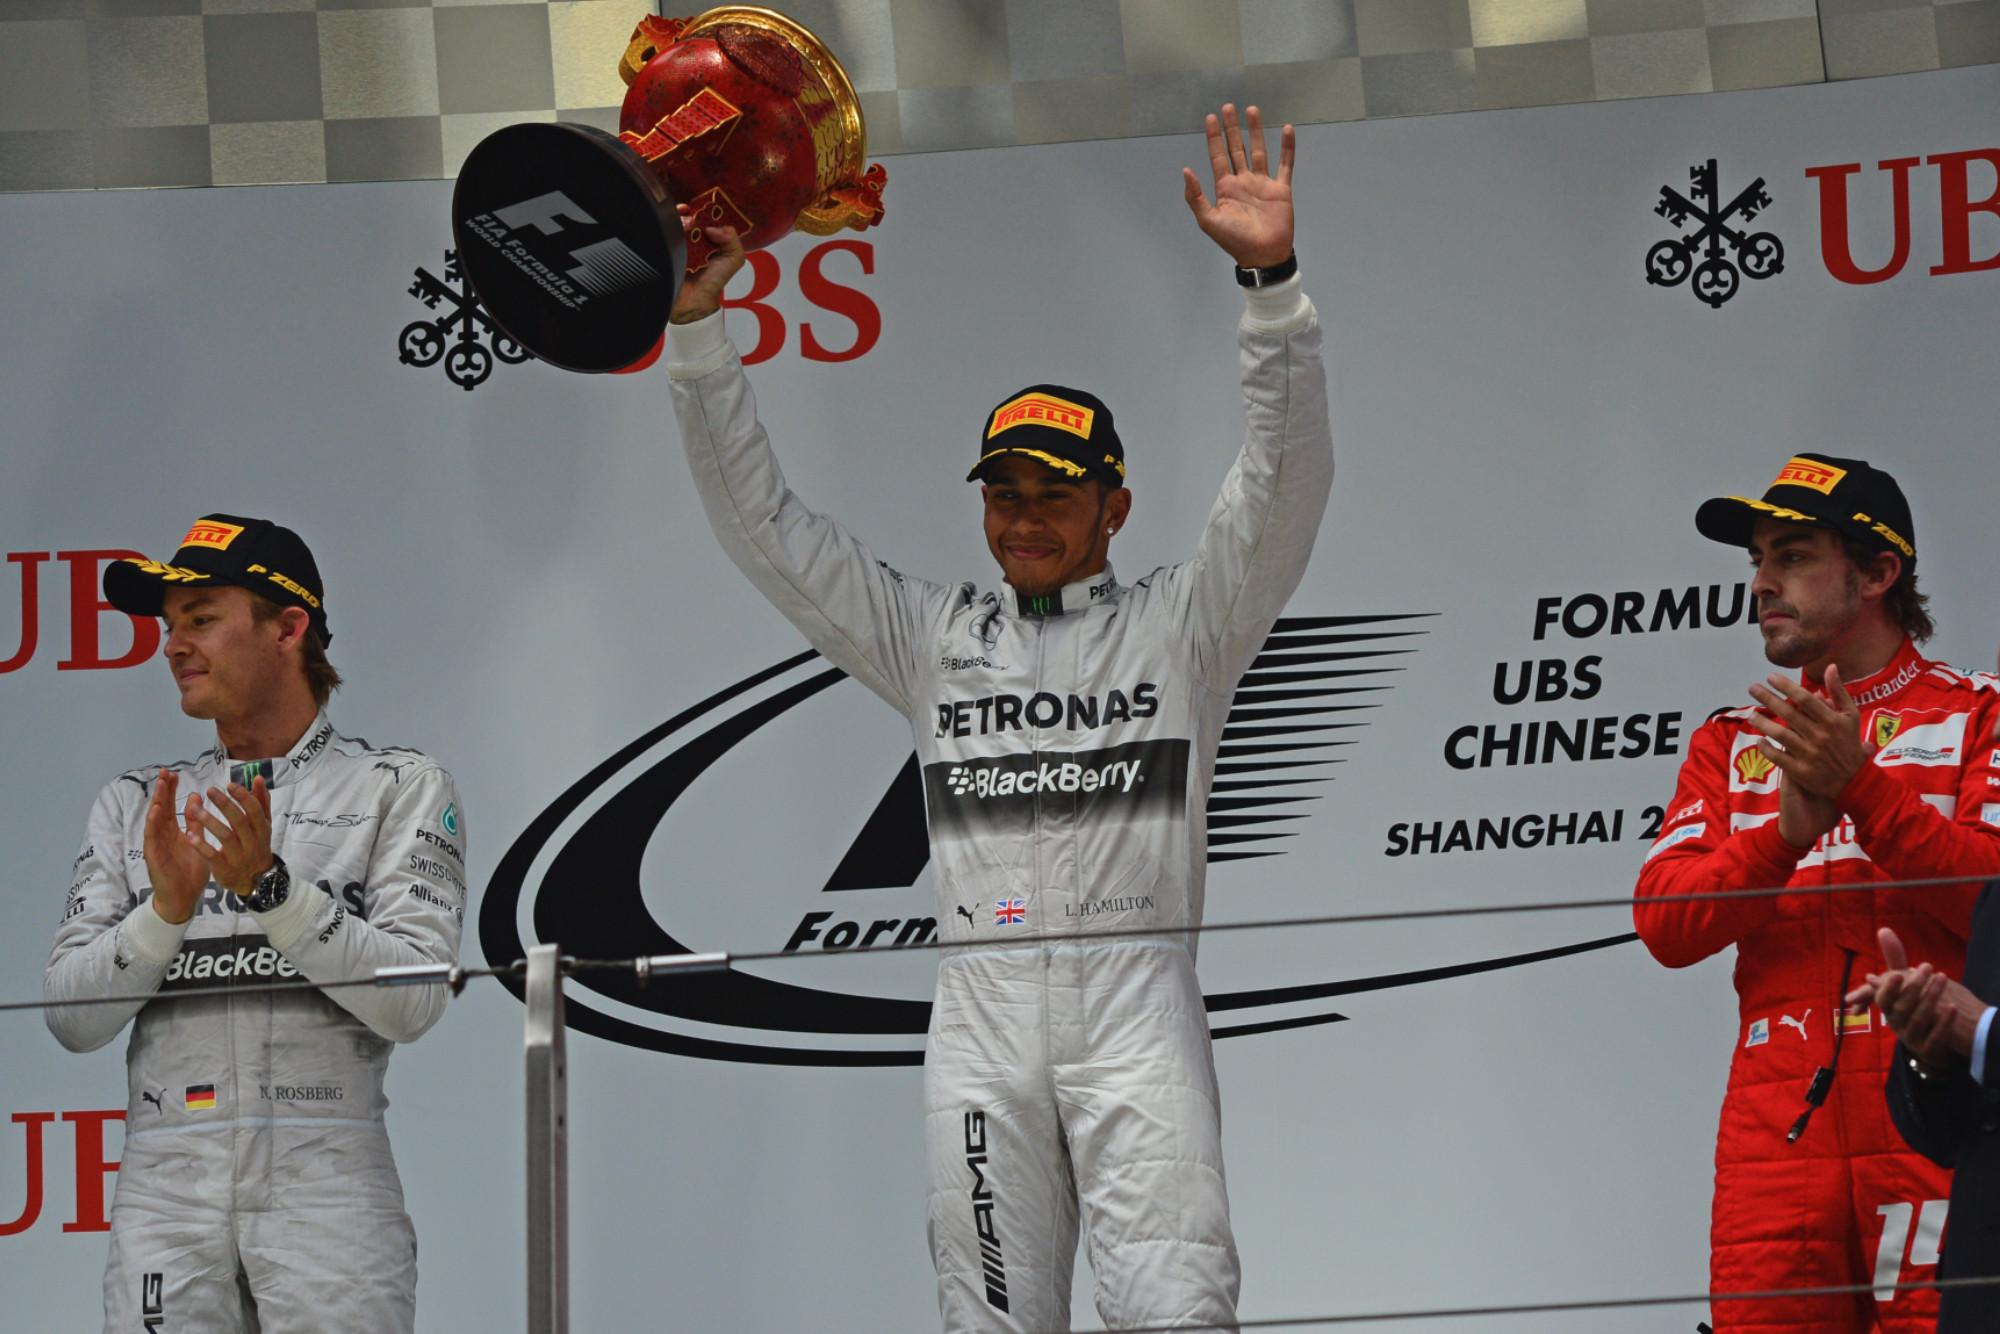 2014 Chinese GP report